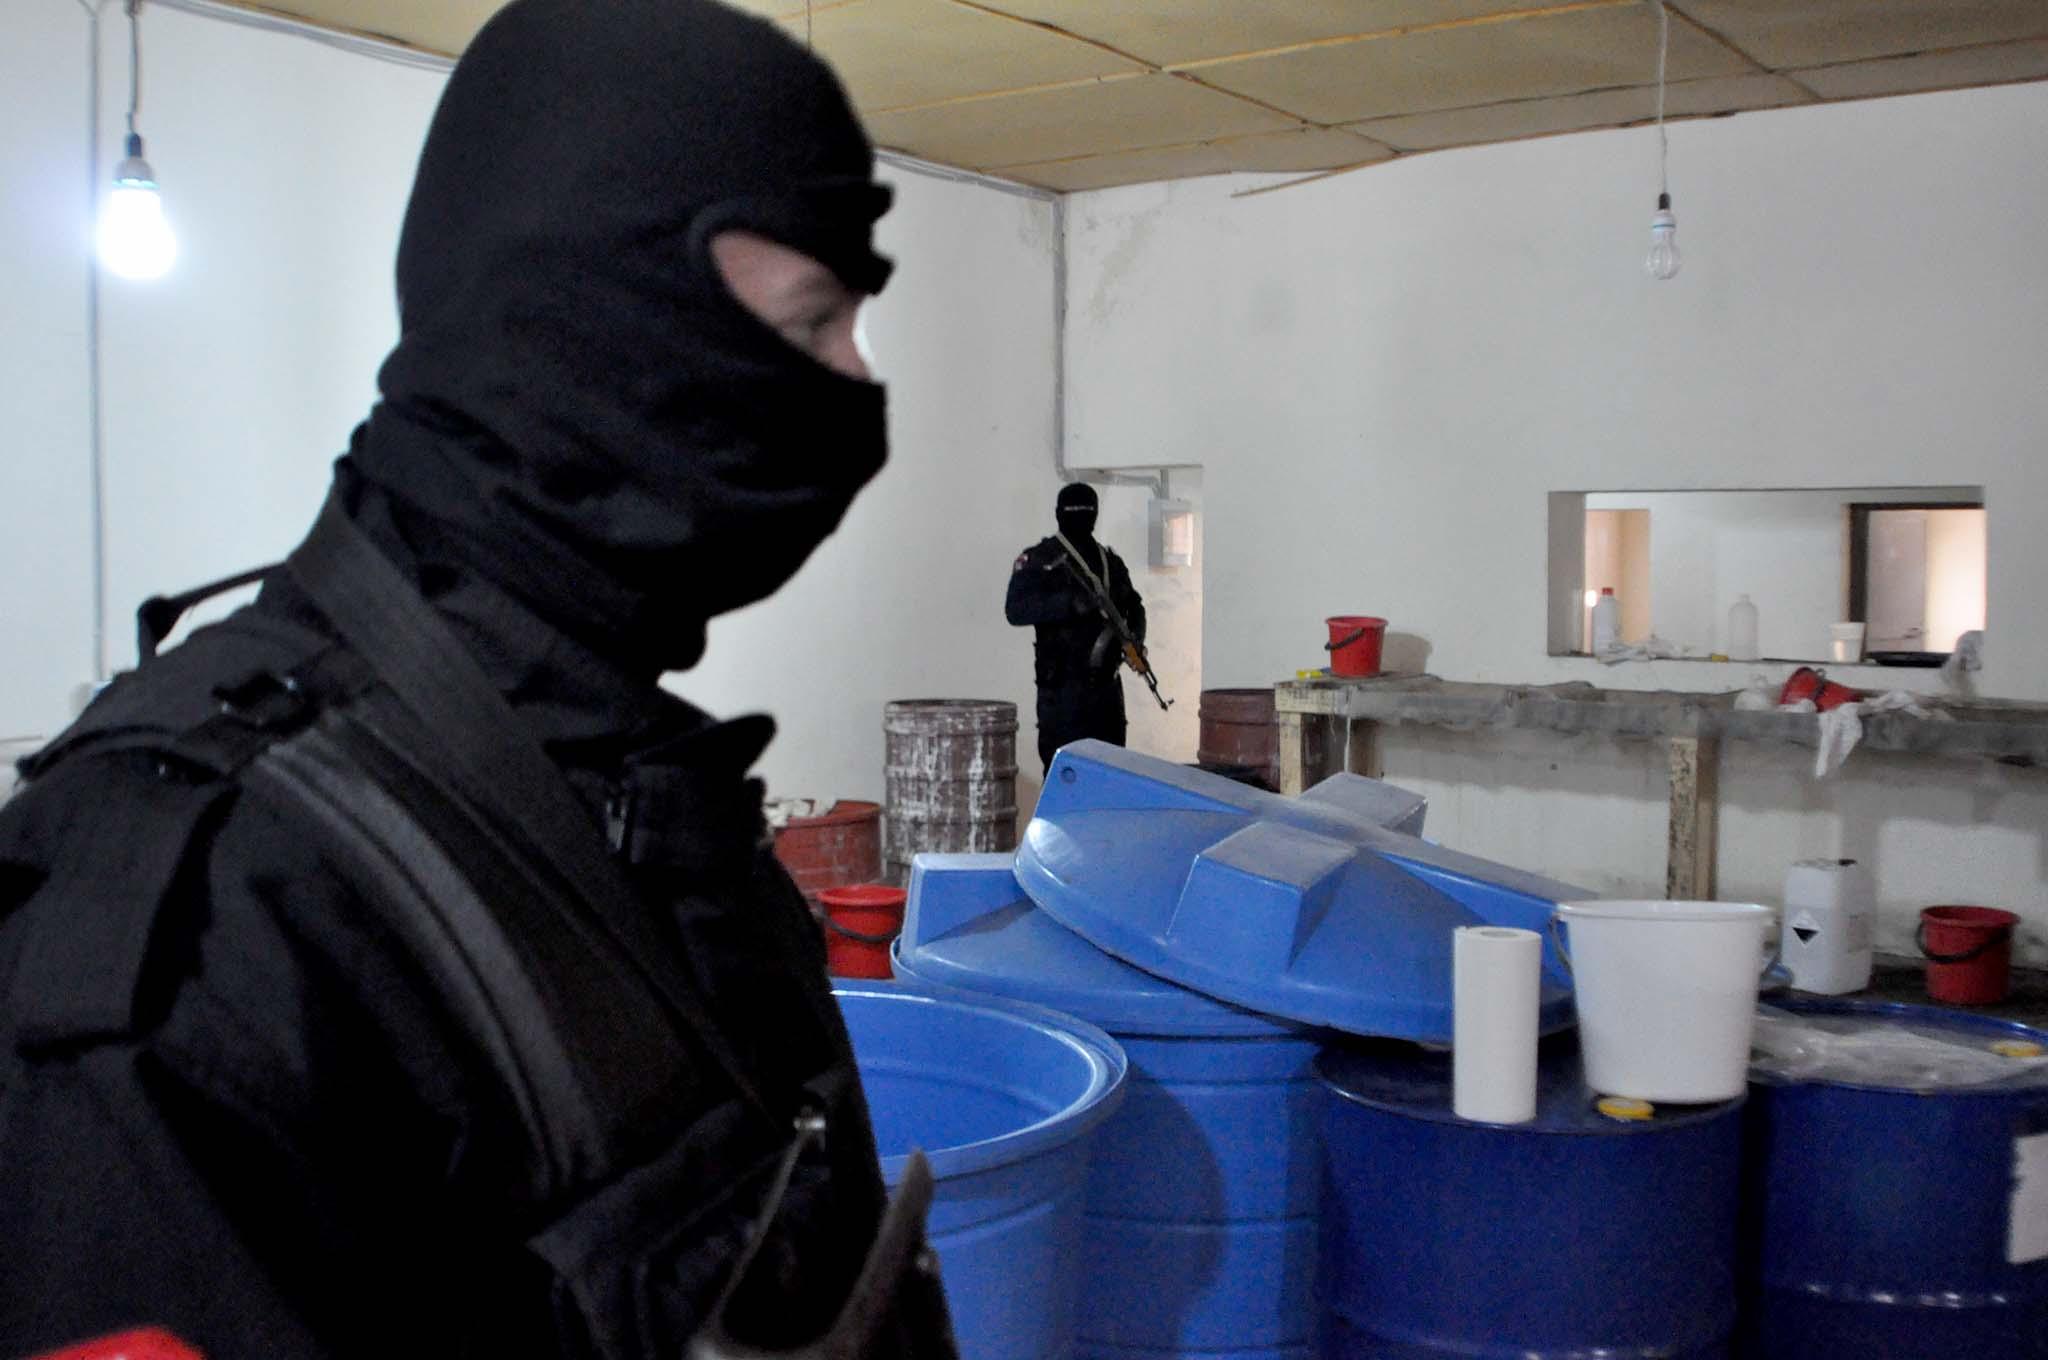 Laboratori i kokainës në Xibrakë, Genci Xhixha u njoftua se po ndiqej